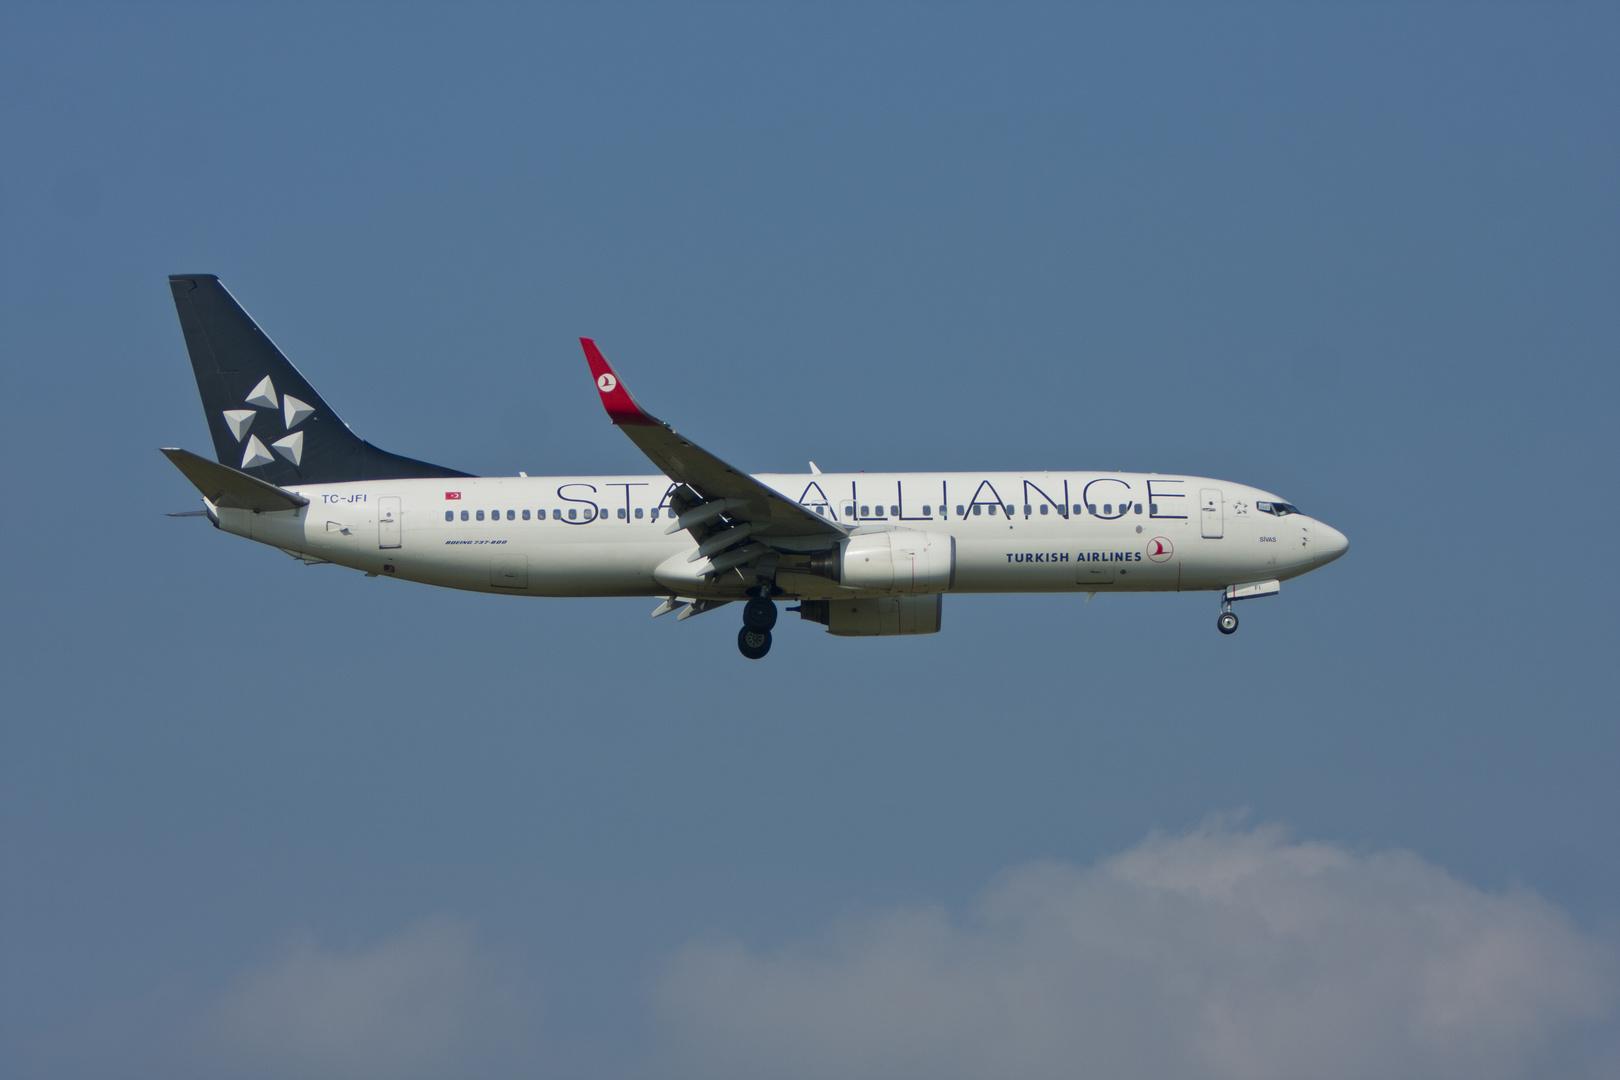 Turkish Airlines Star Alliance Boeing 737-8F2